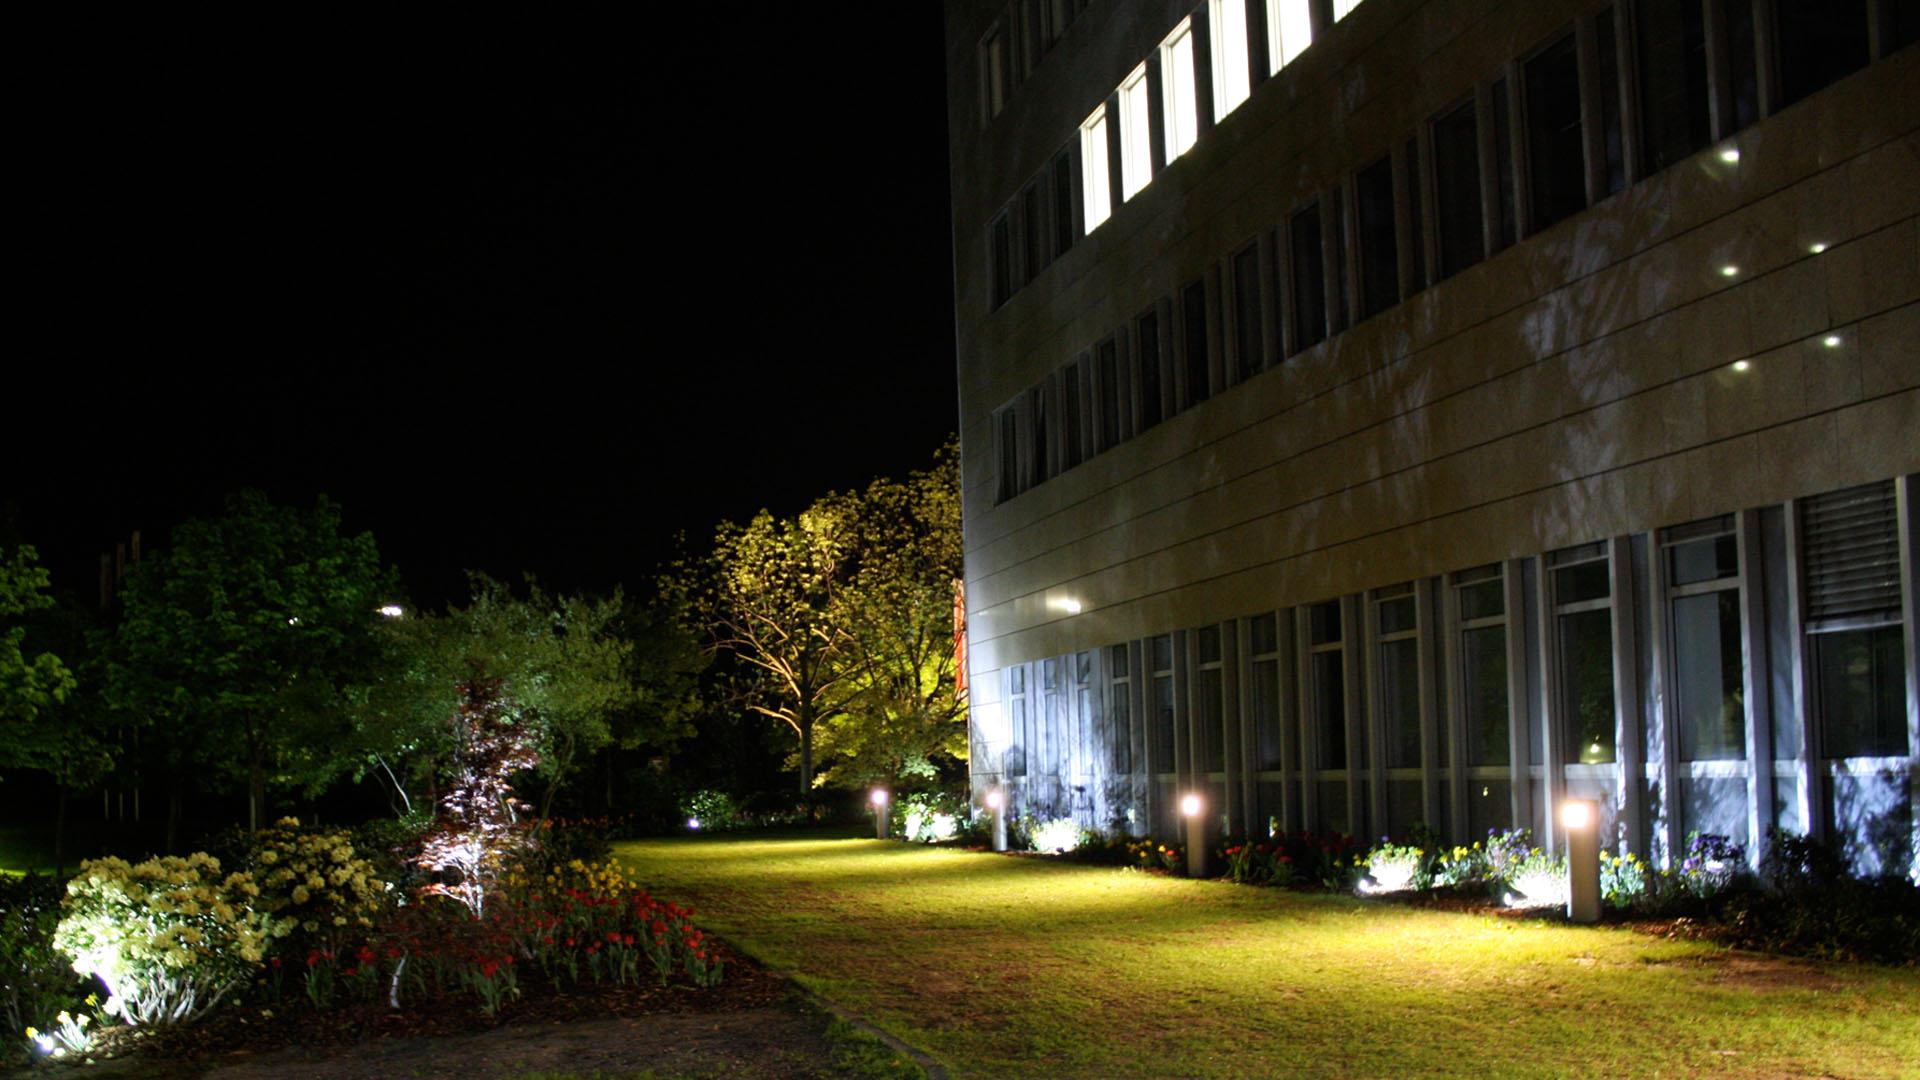 MAASS-Lichtplanung_Lichtplanung für Fassade und Freiflächen__02_Olof-Palme-Straße_Slideshow_03